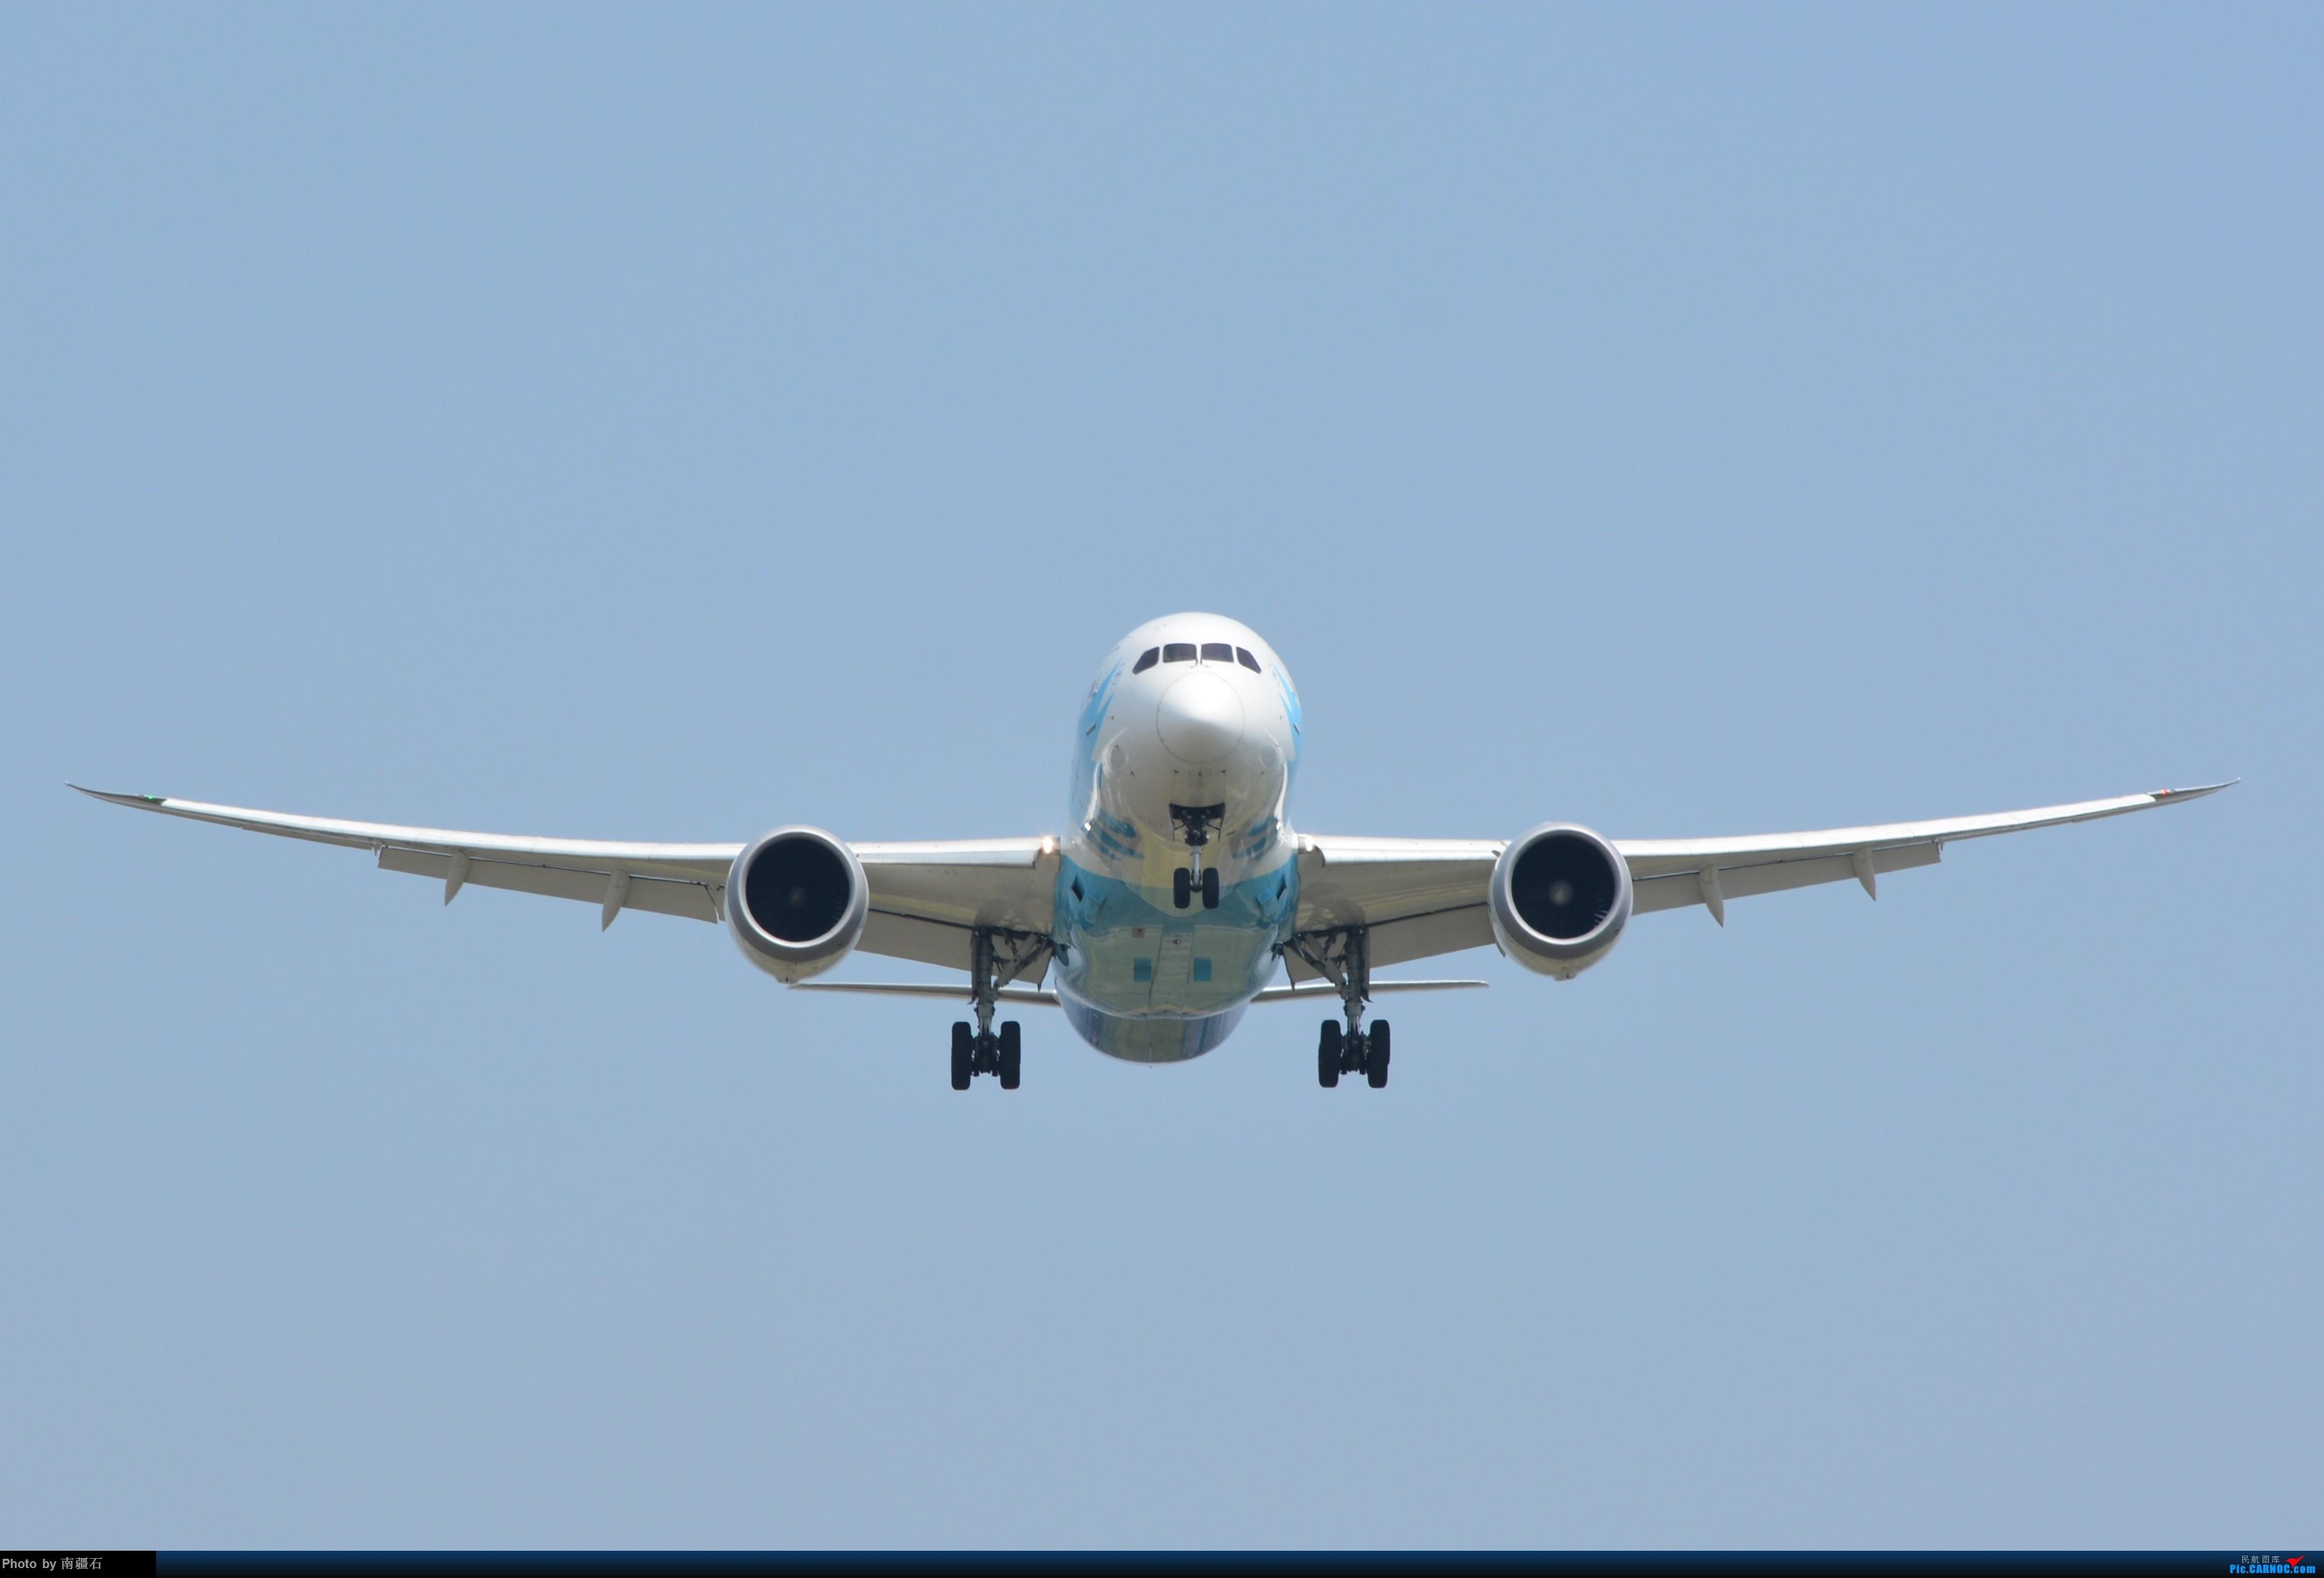 成都双流国际机场鸟瞰图_南航787-南航787选座位图解,南航787座位图,南航787飞哪几条航线 ...